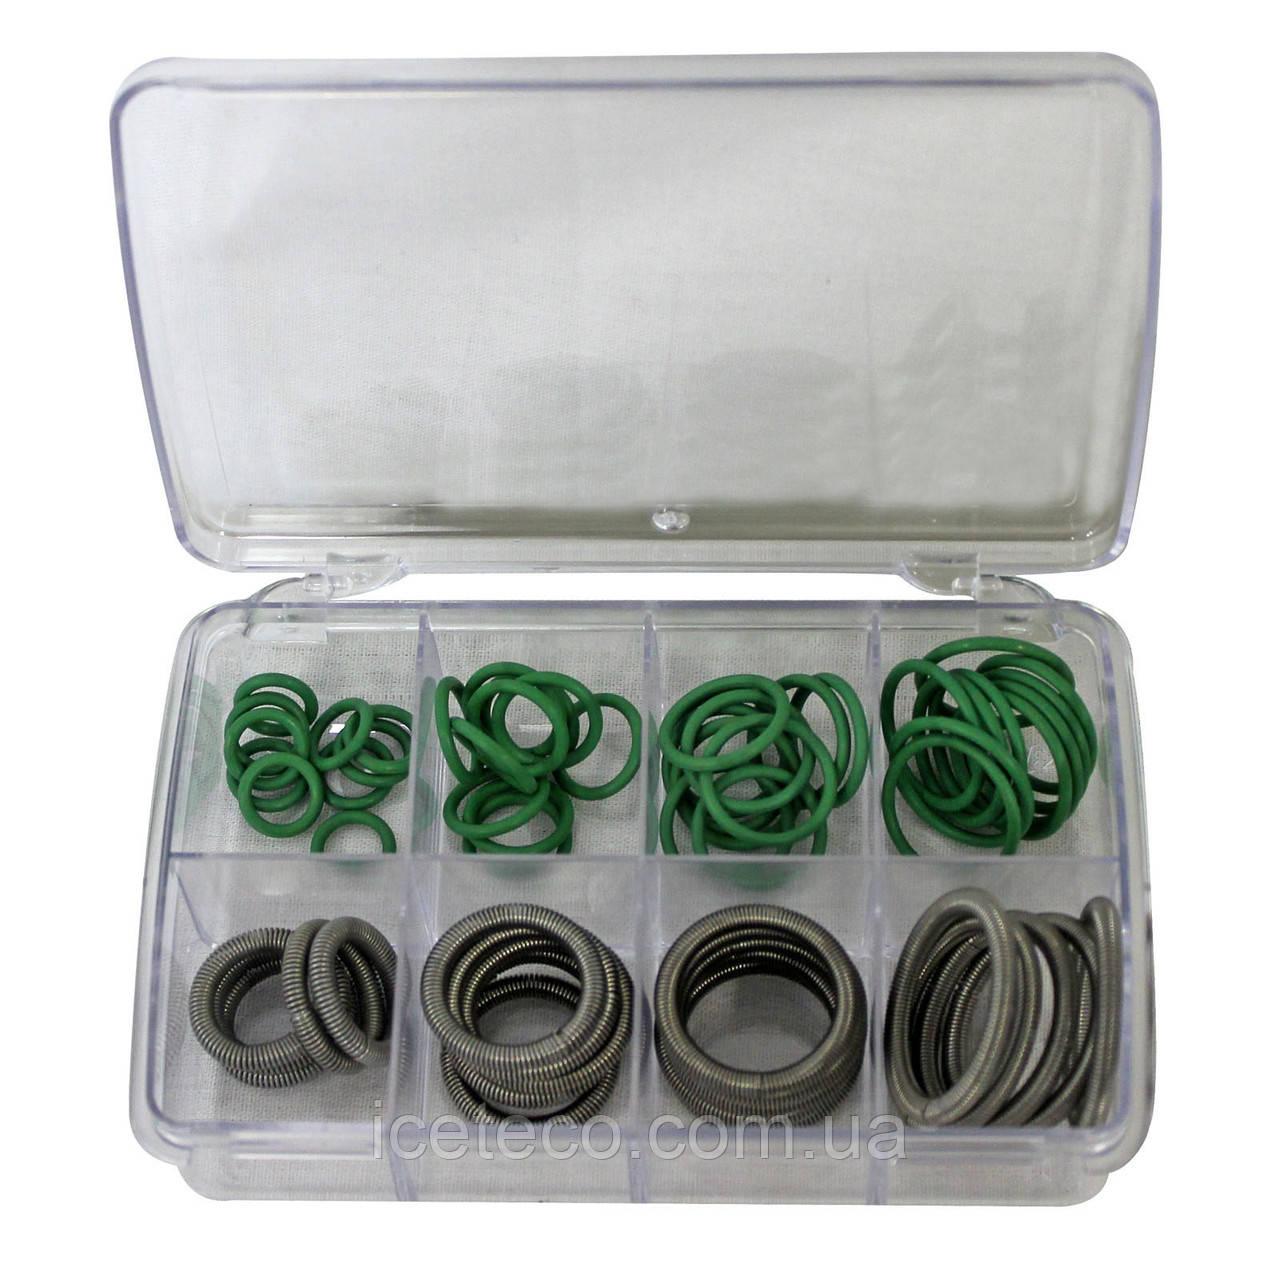 Набор колец и пружин для А/С МС 91336 Mastercool